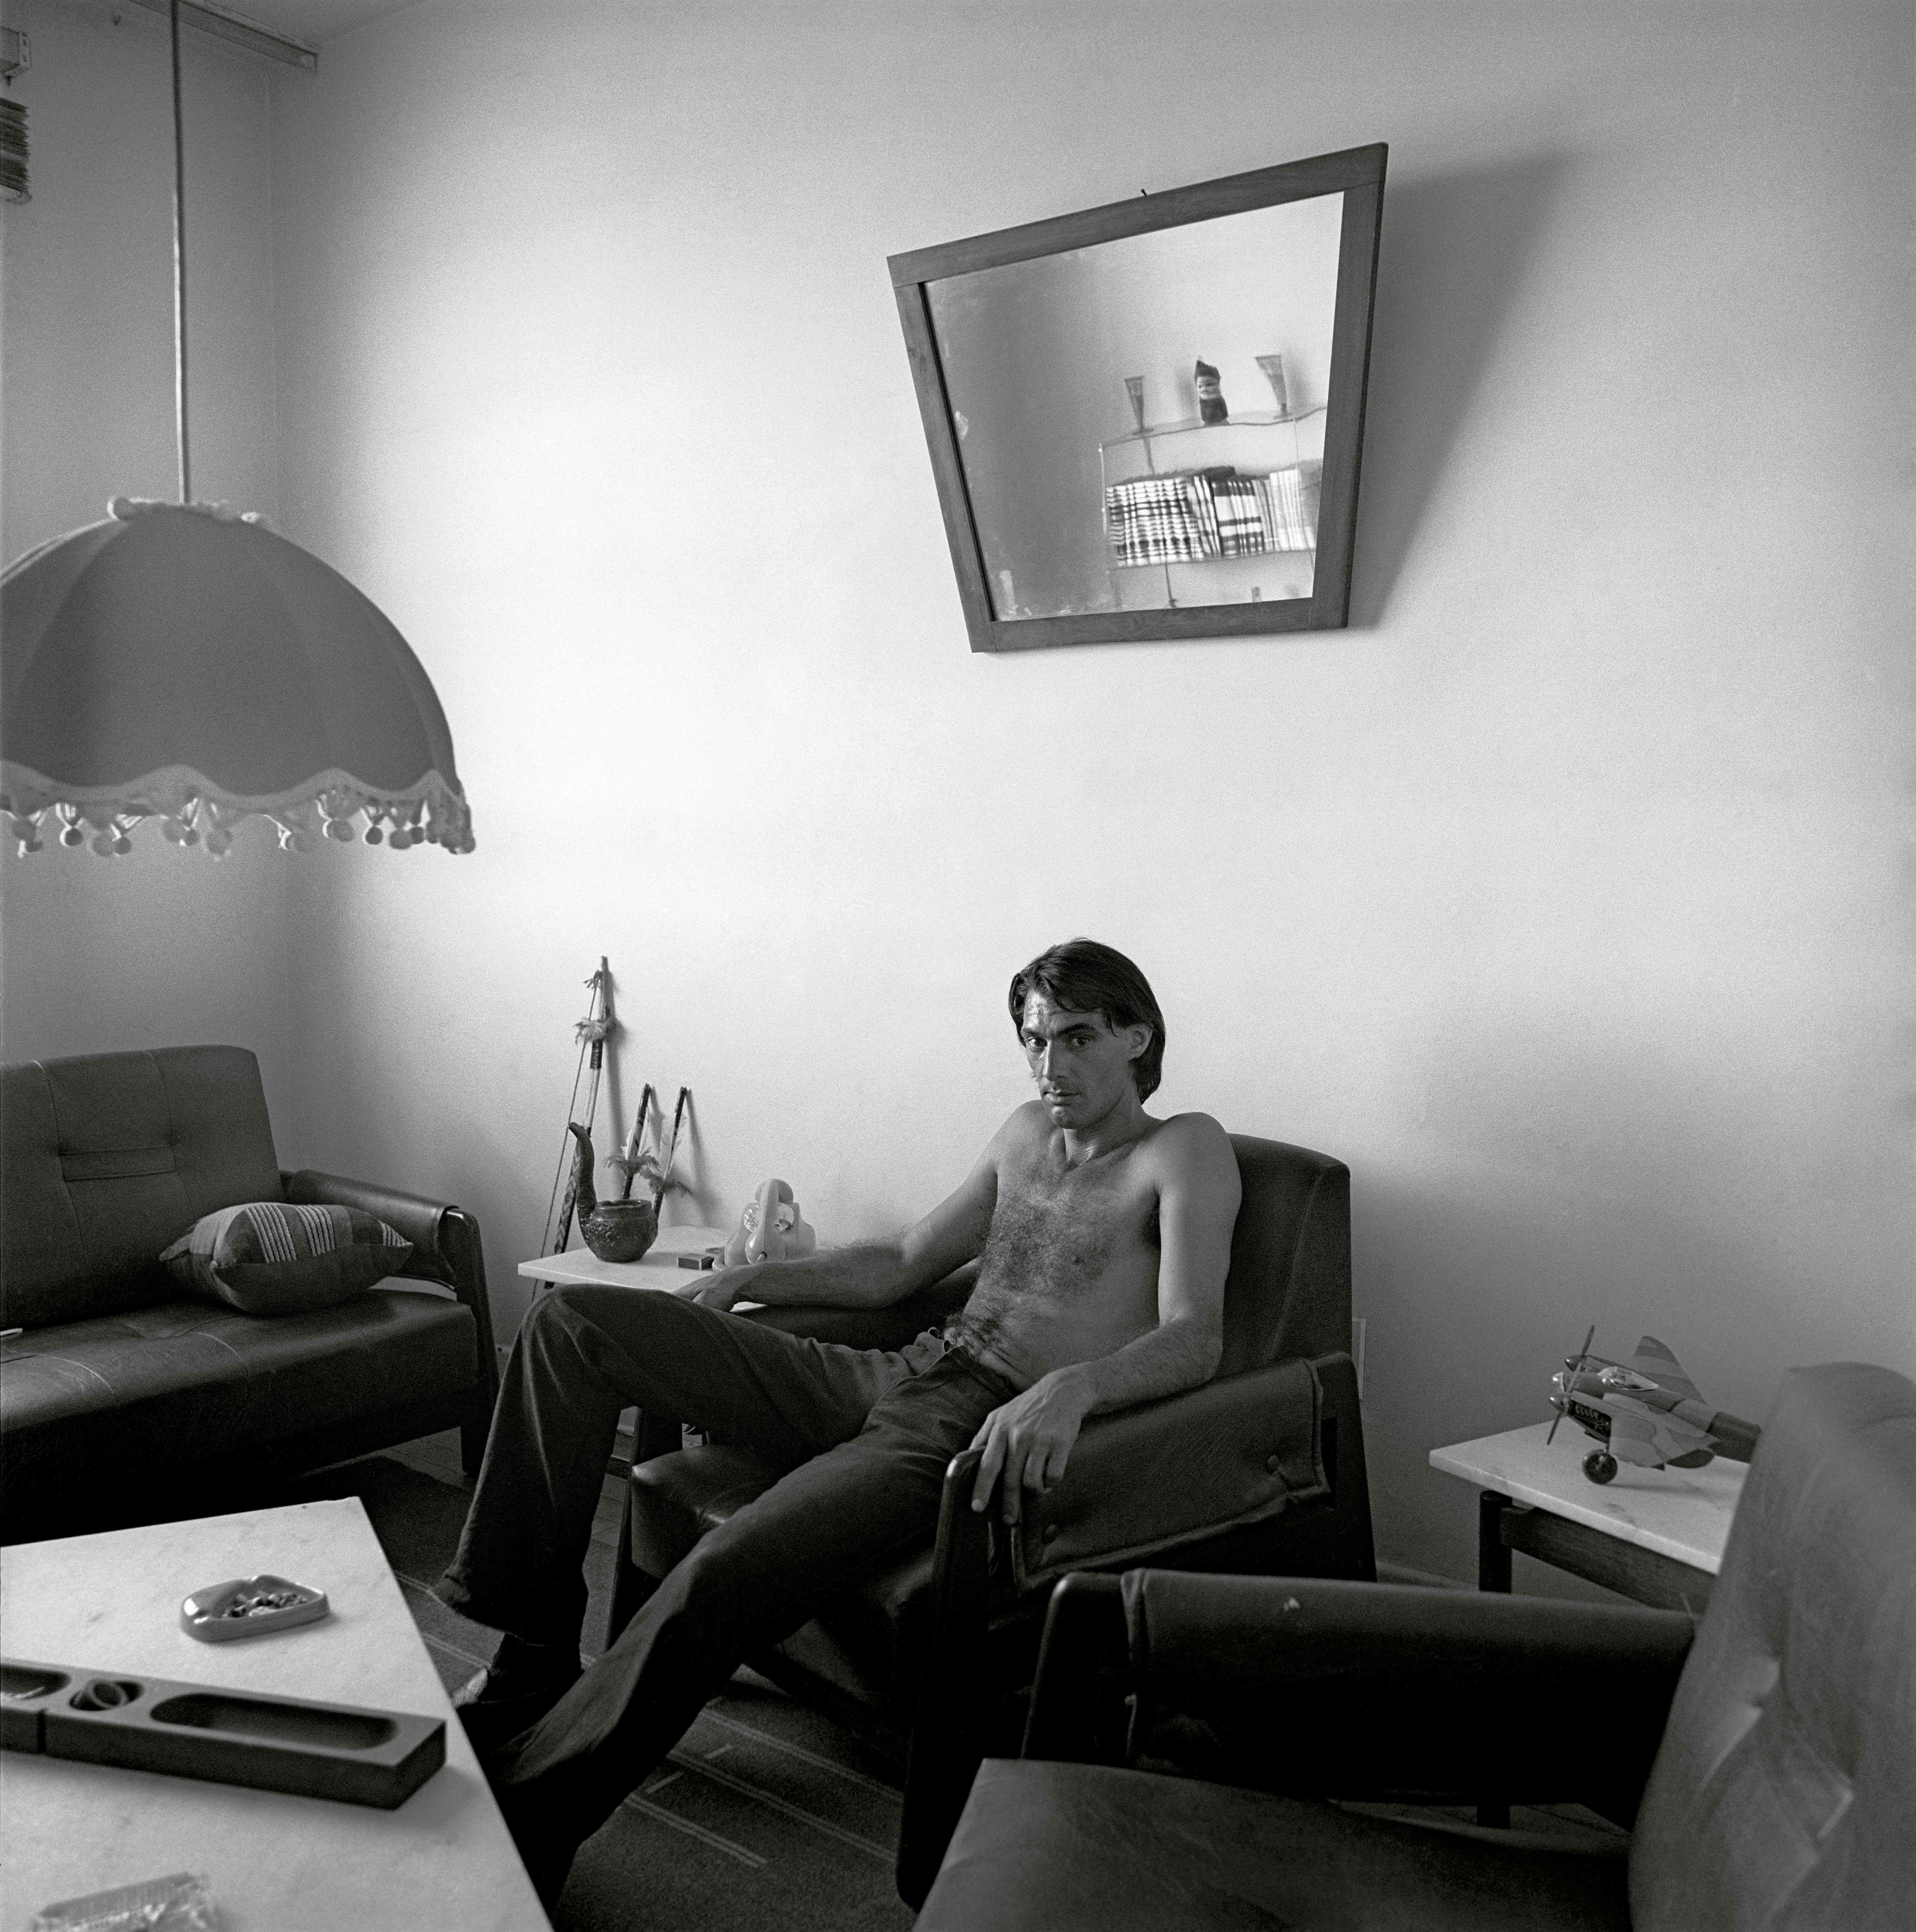 1979-7C-04-homem-na-sala-e-espelho